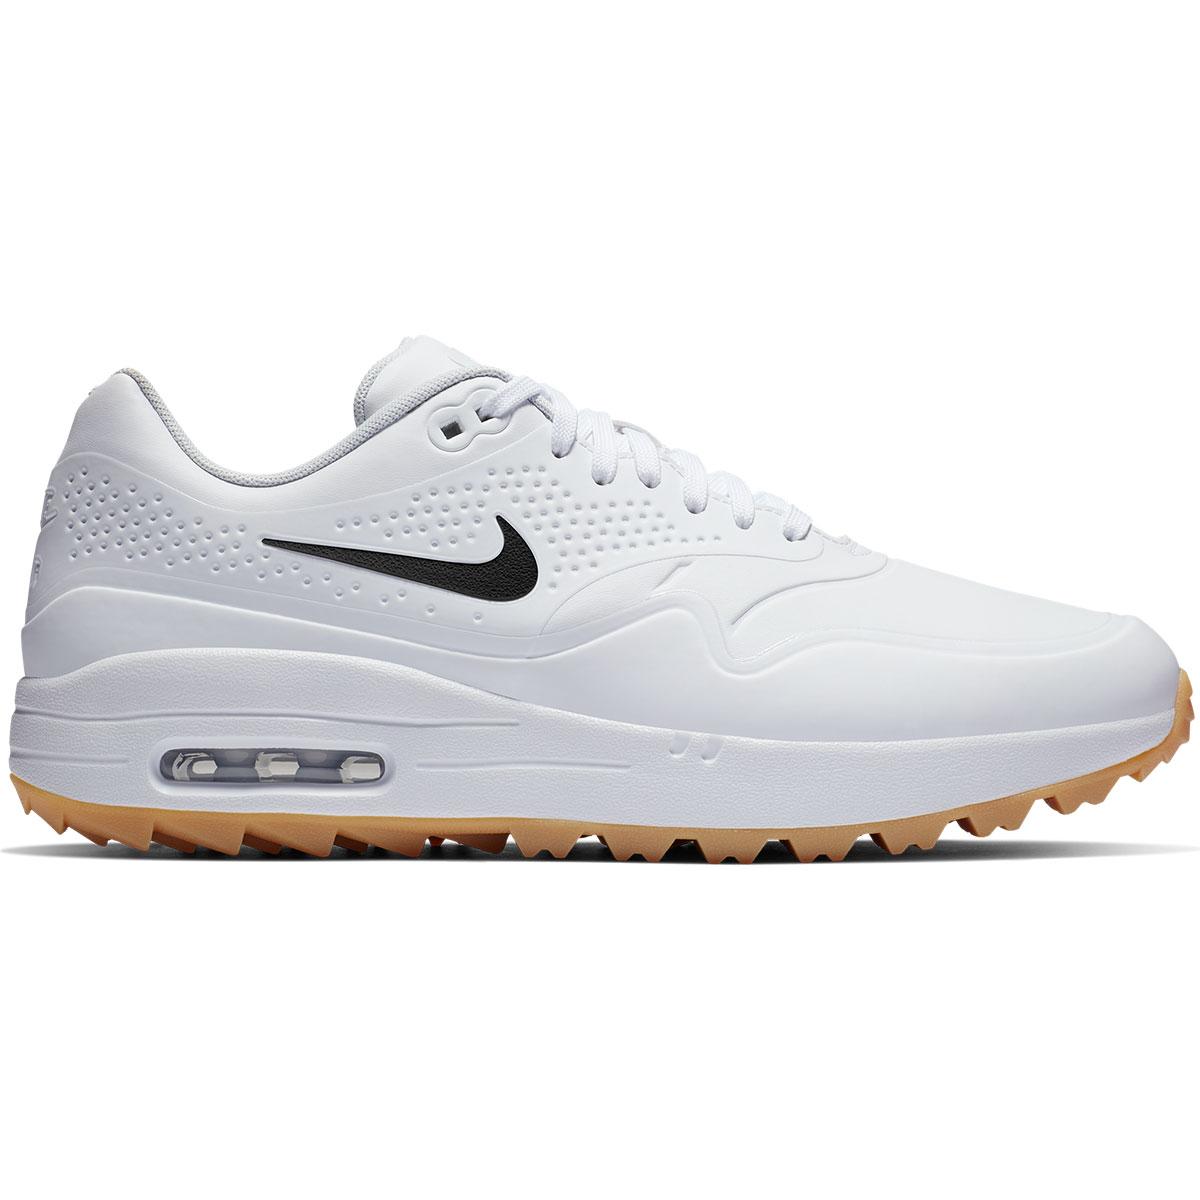 48df04e735518 Nike Air Max 1G Shoes   Online Golf